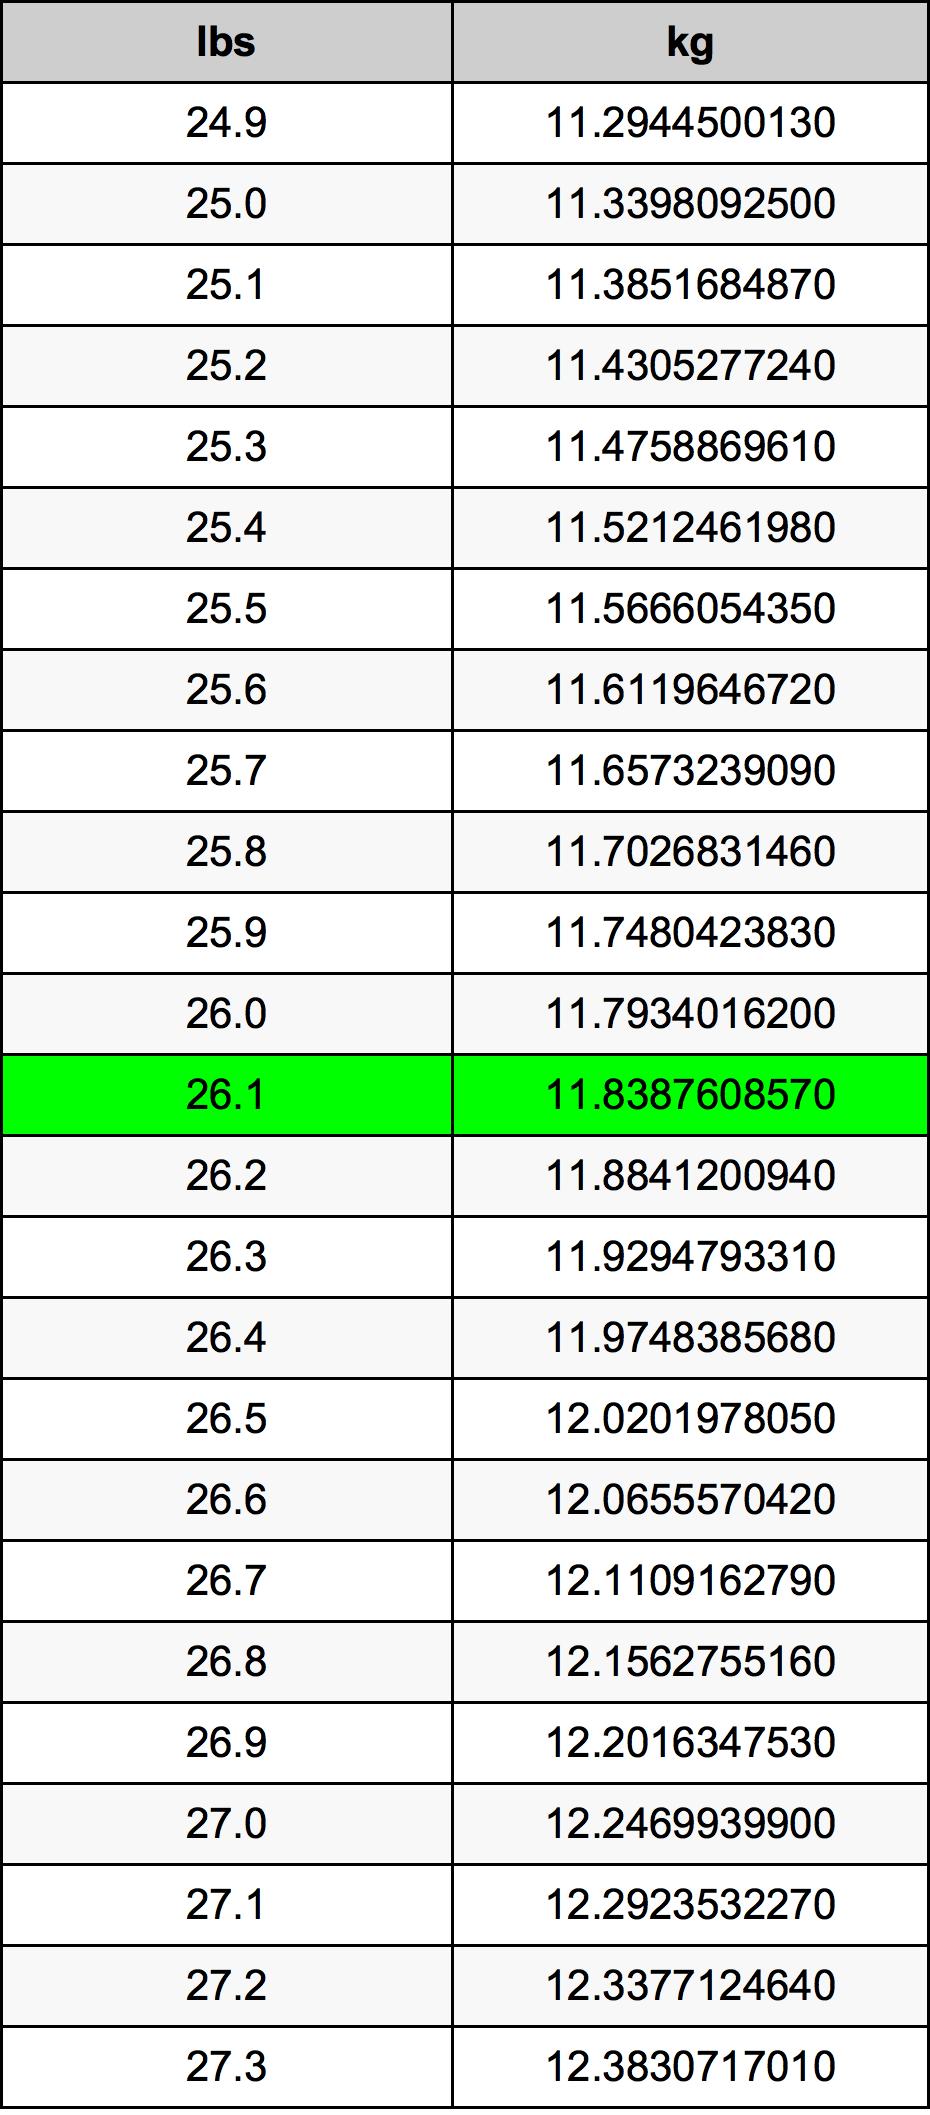 26.1 Libra tabela de conversão